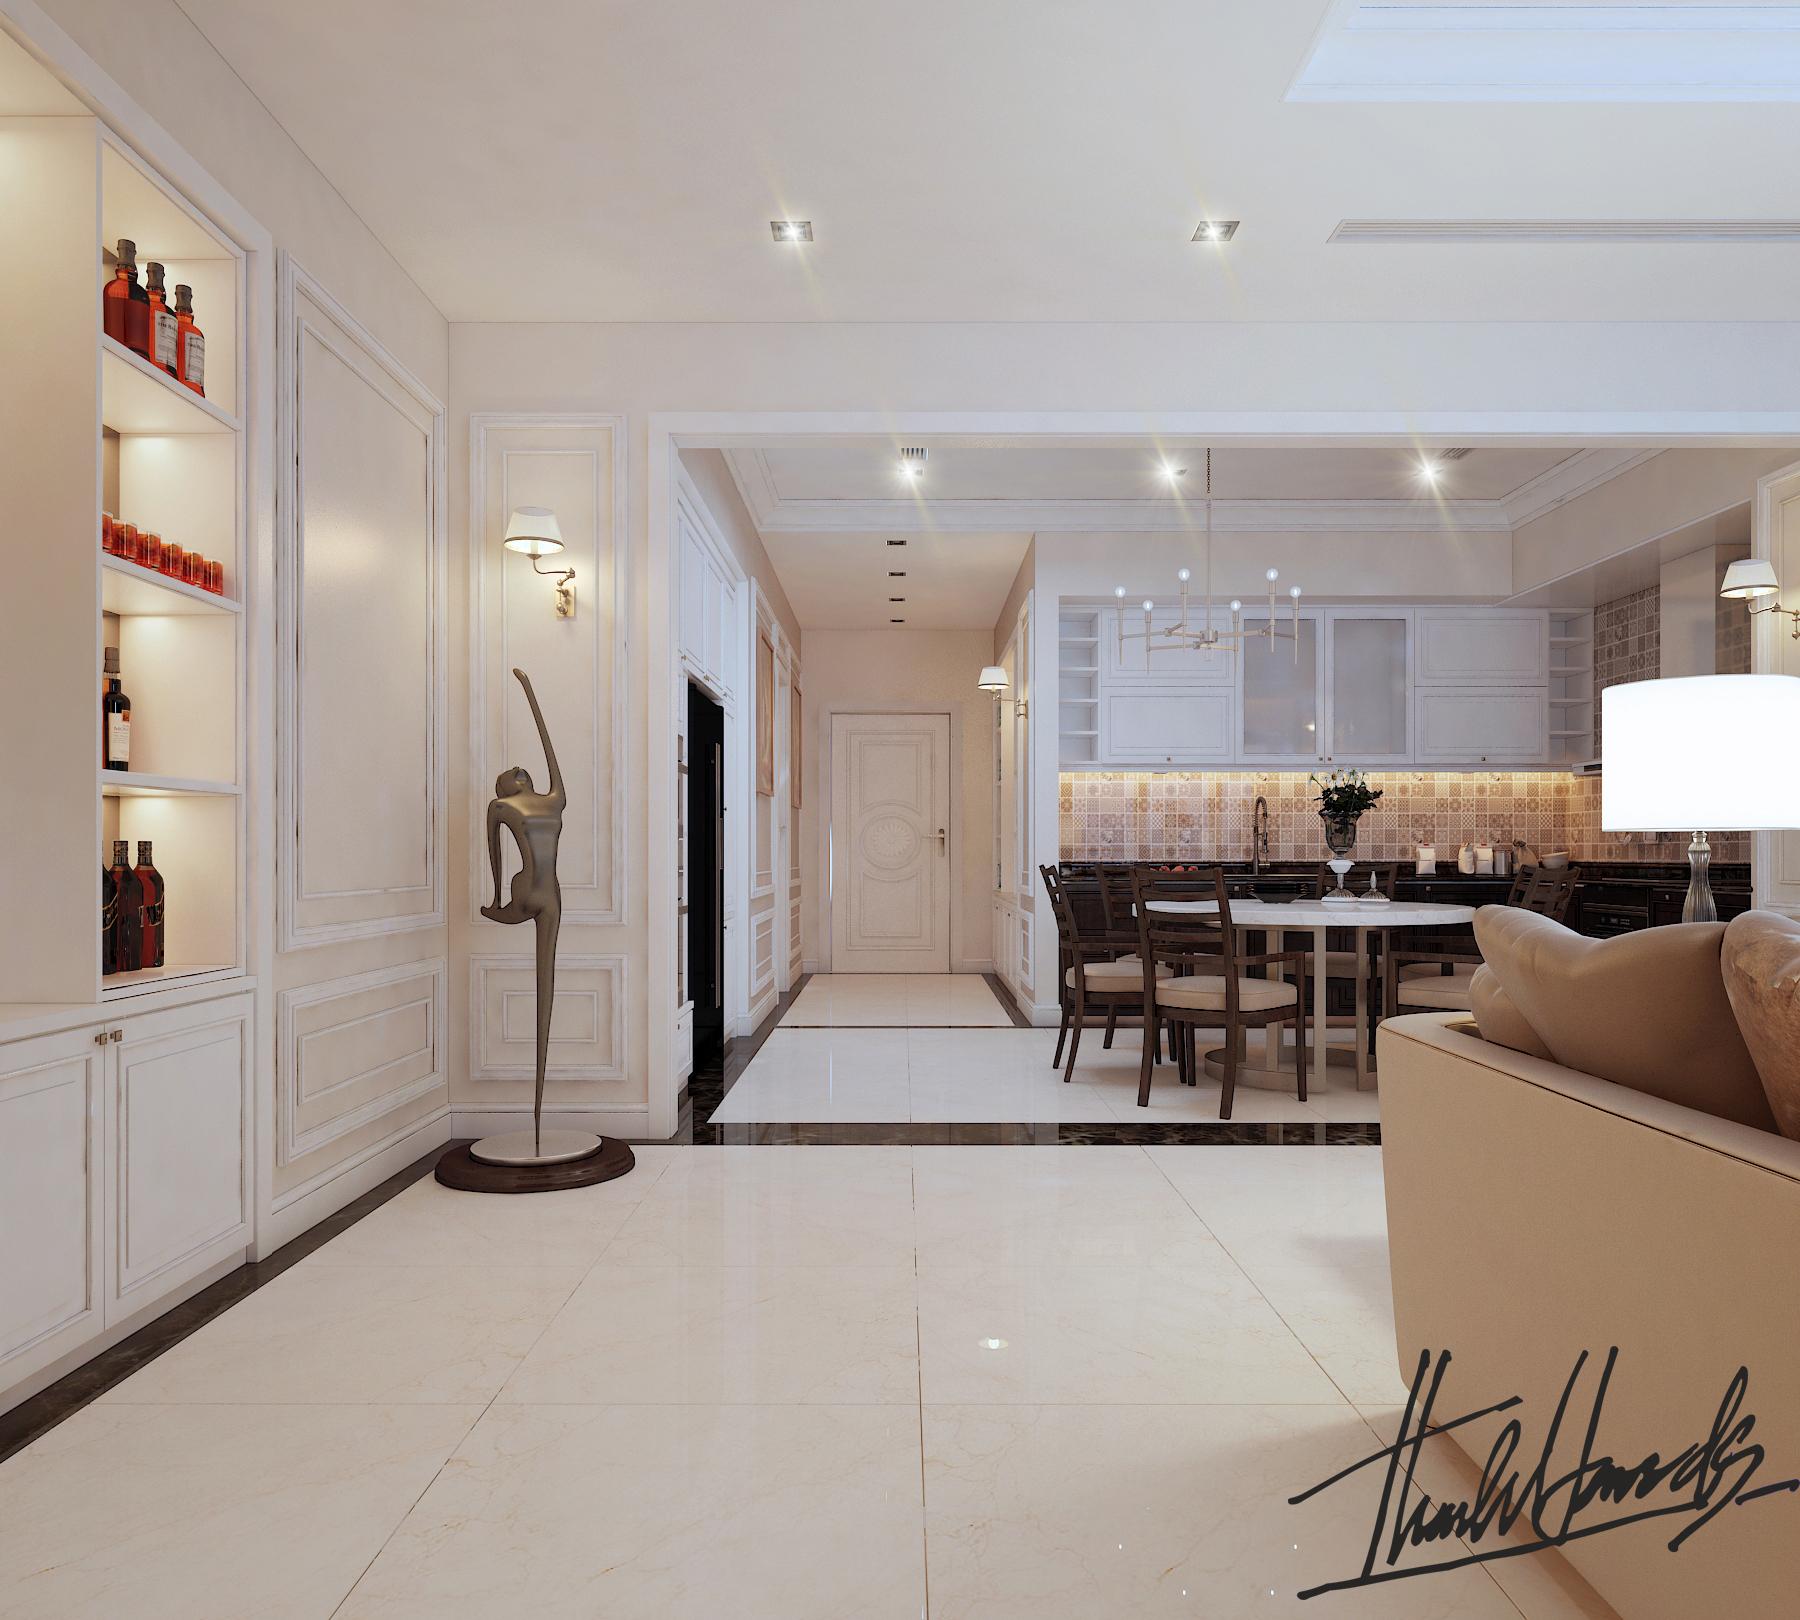 thiết kế nội thất chung cư tại Hà Nội chung cu royacity 8 1568191824